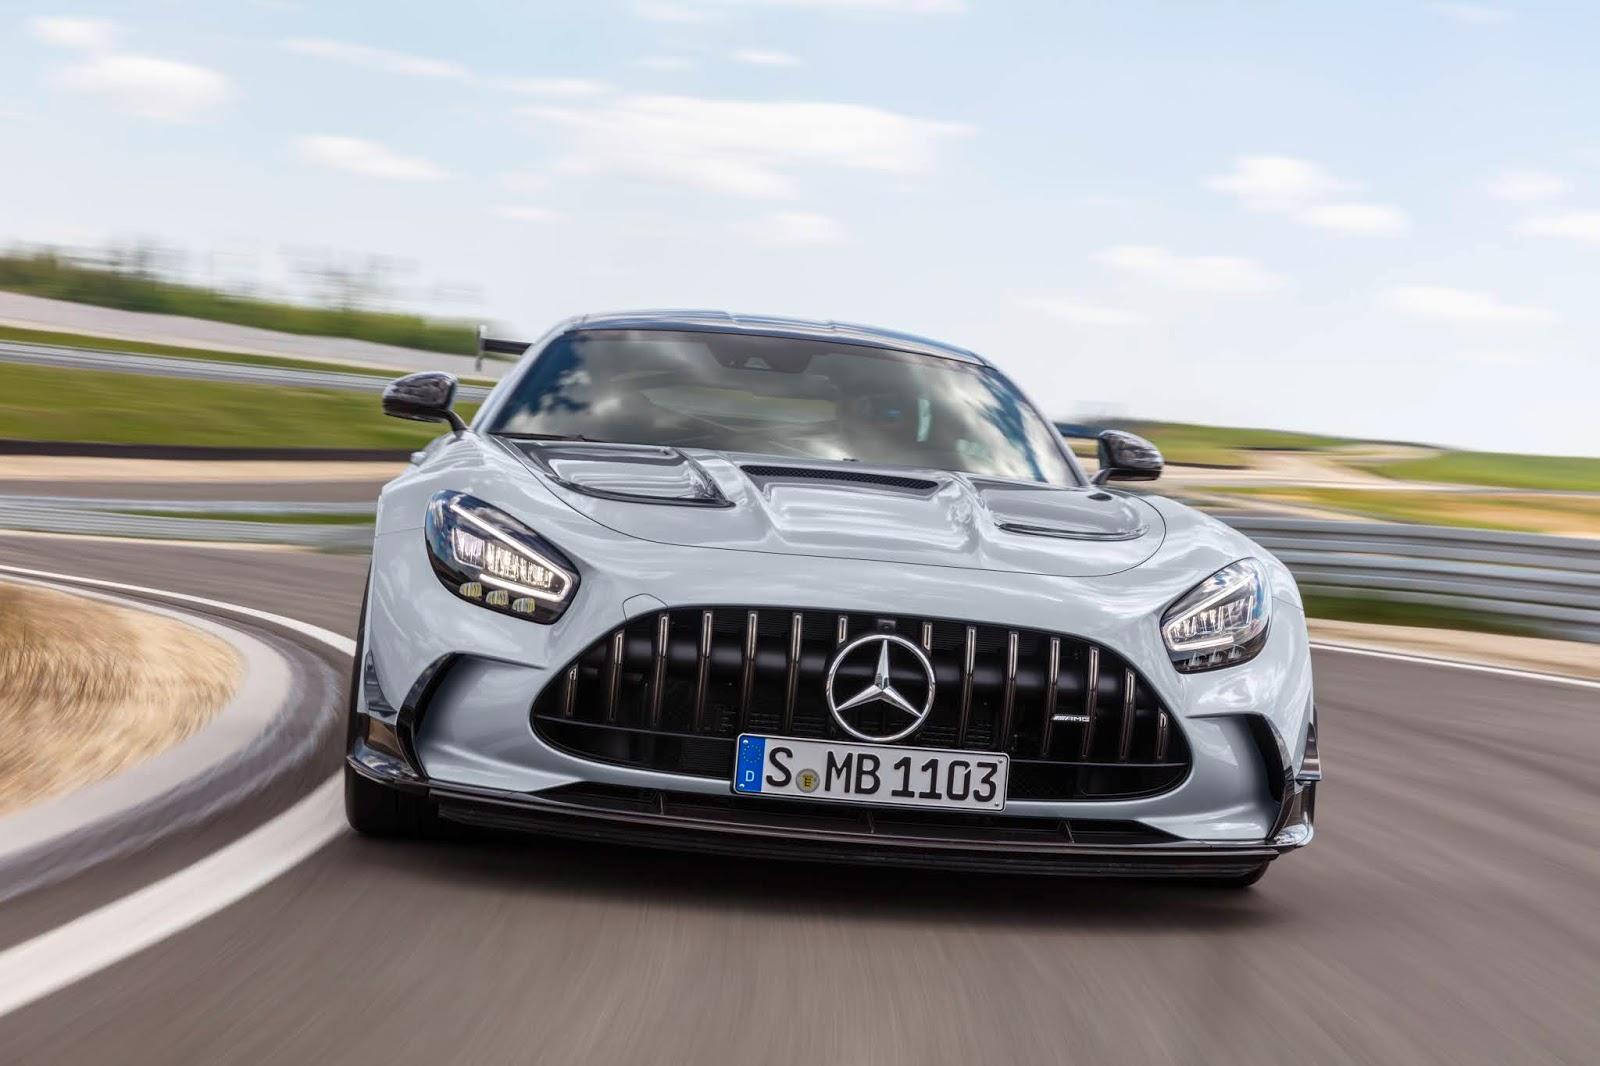 20C0259 076 Τι κάνει τη νέα AMG GT Black Series κορυφαία Mercedes, Mercedes AMG, zblog, μοντέλα, τεχνικά, Τεχνολογία